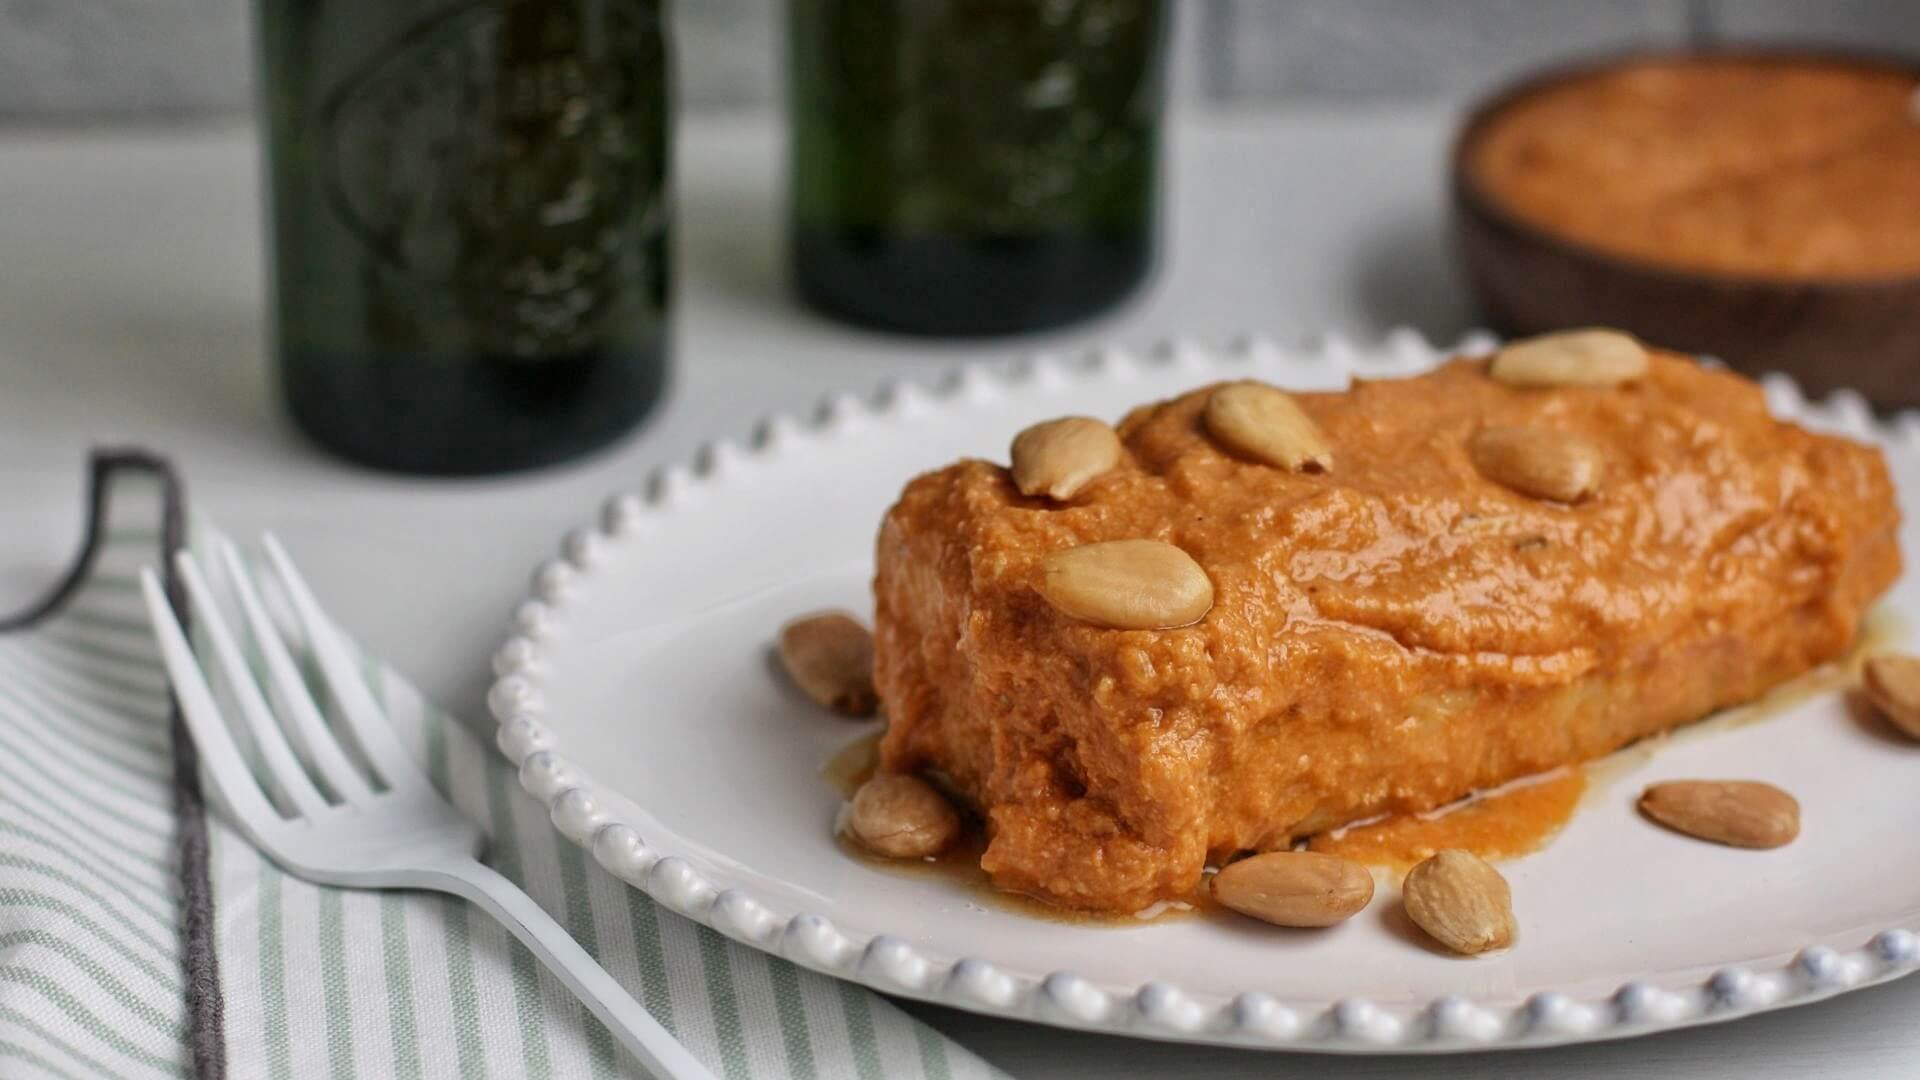 Bacalao con salsa de almendras, una receta para mojar pan